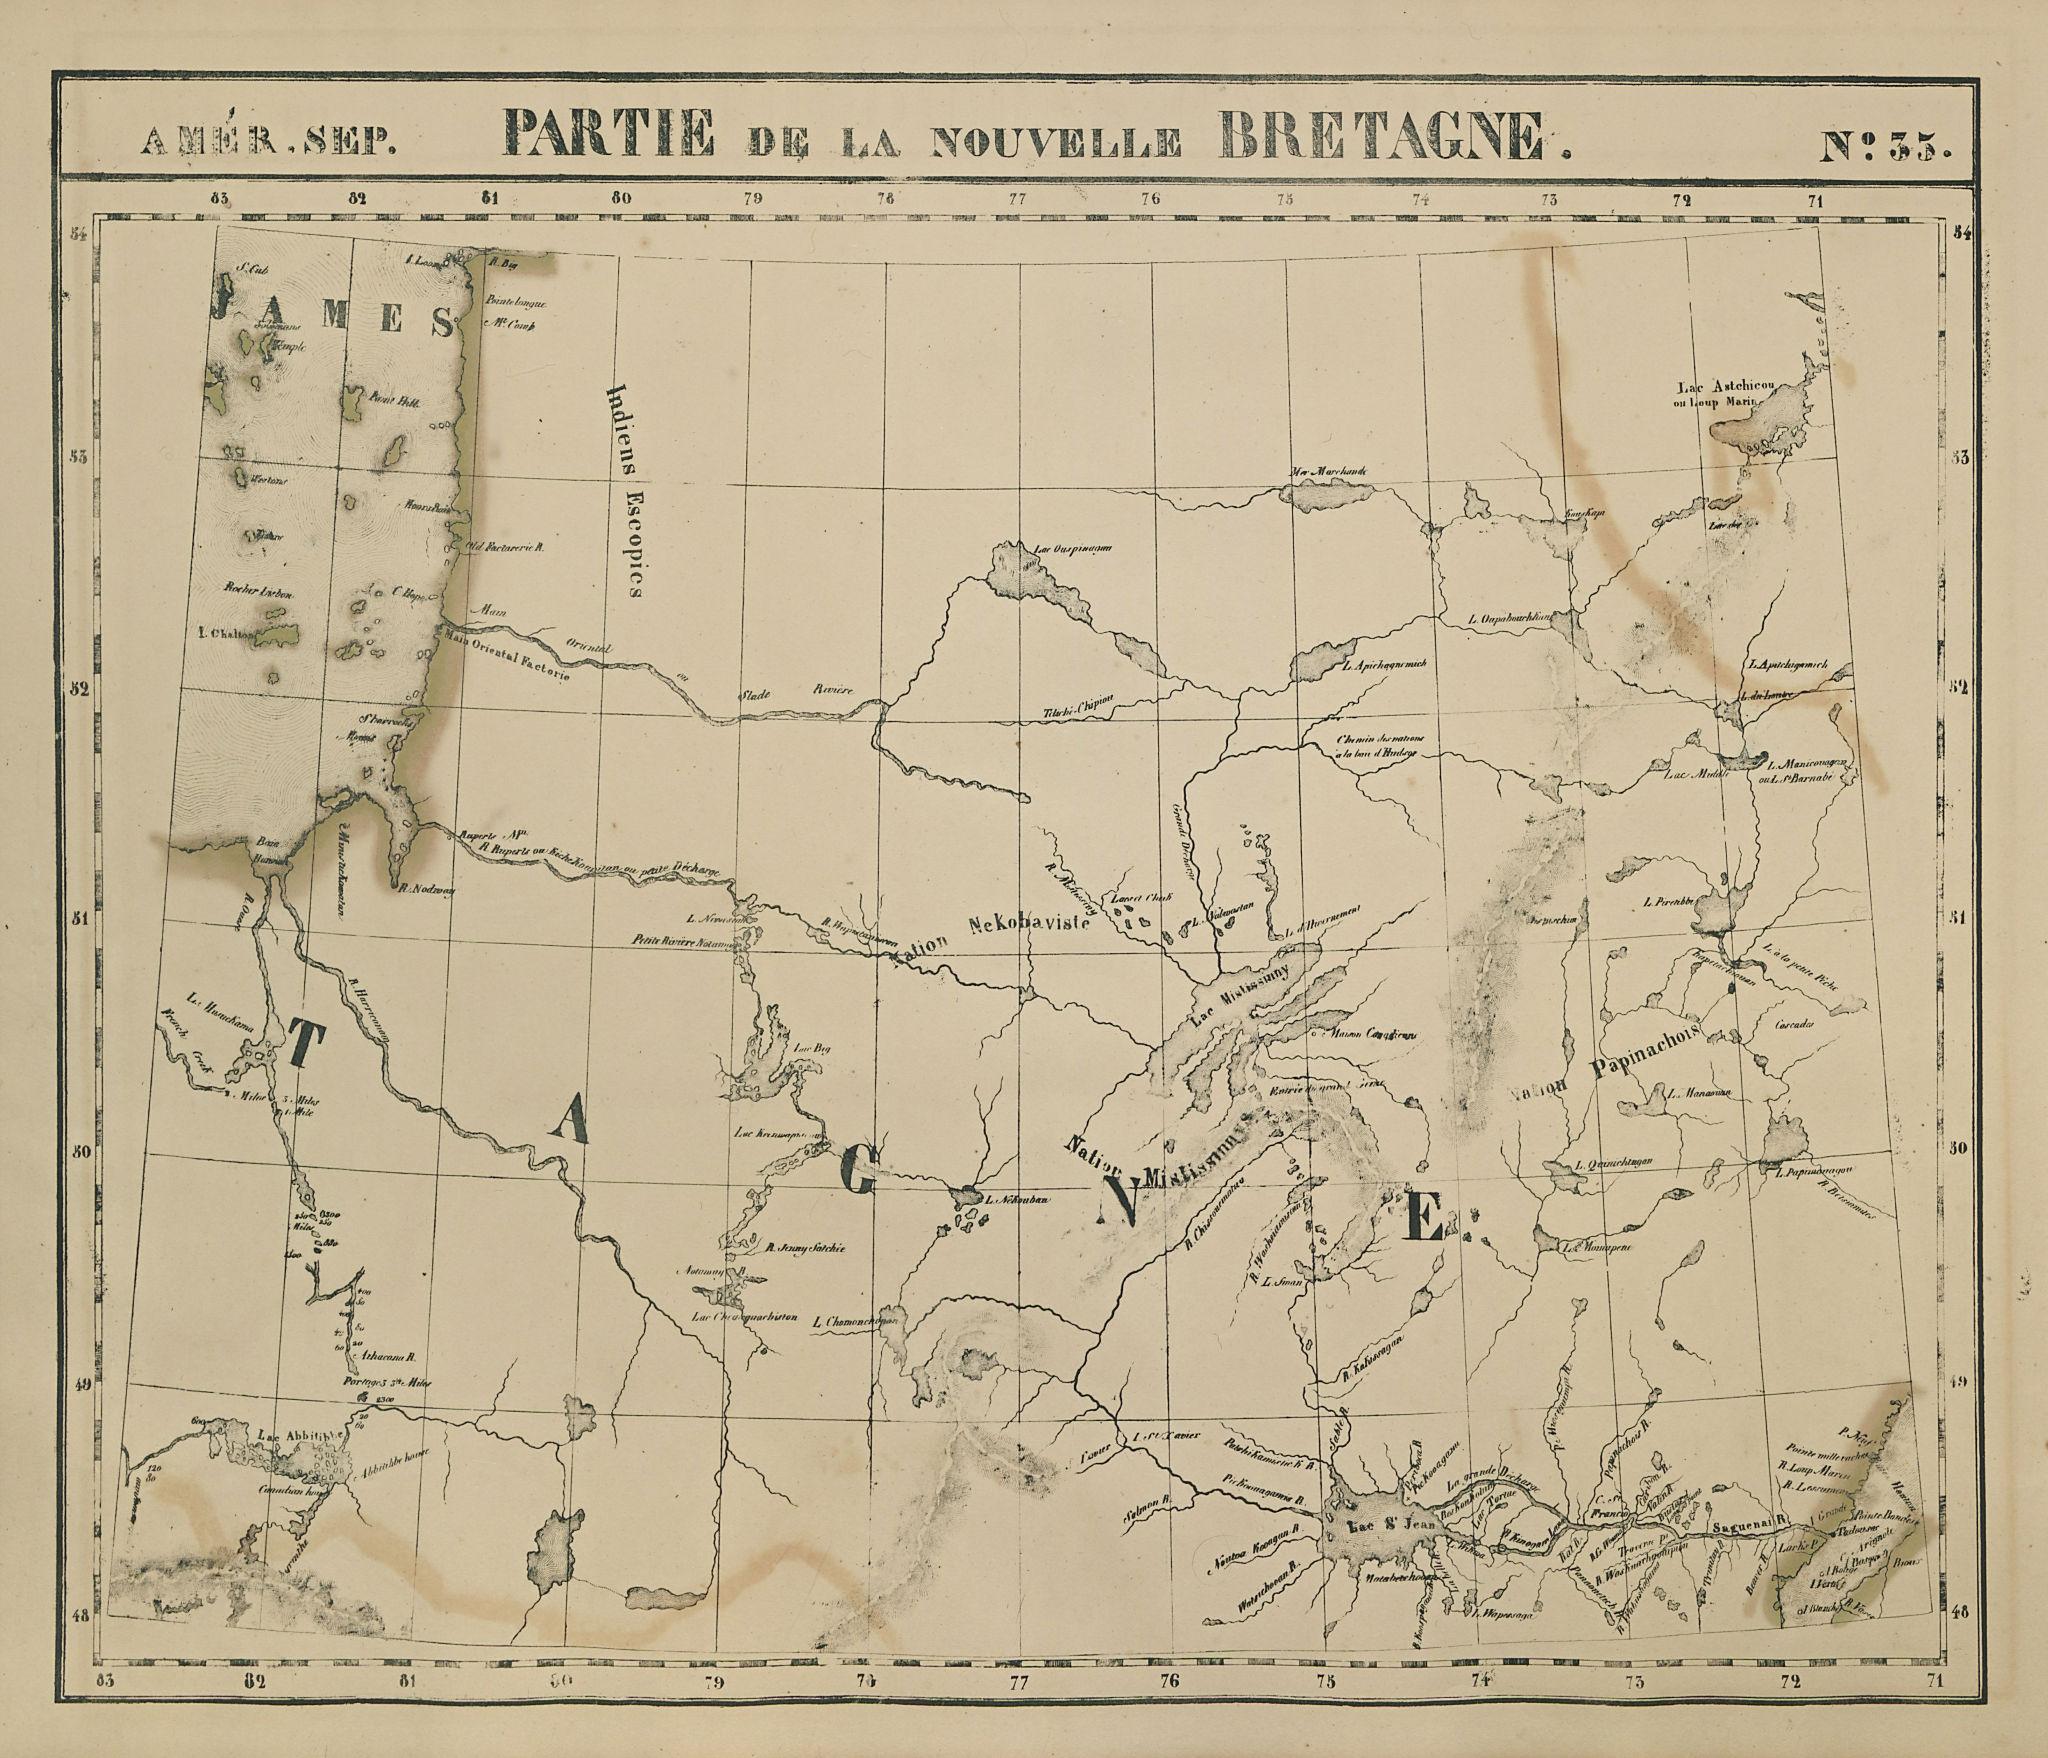 Amér Sep Partie de la Nouvelle Bretagne #35 Central Quebec VANDERMAELEN 1827 map